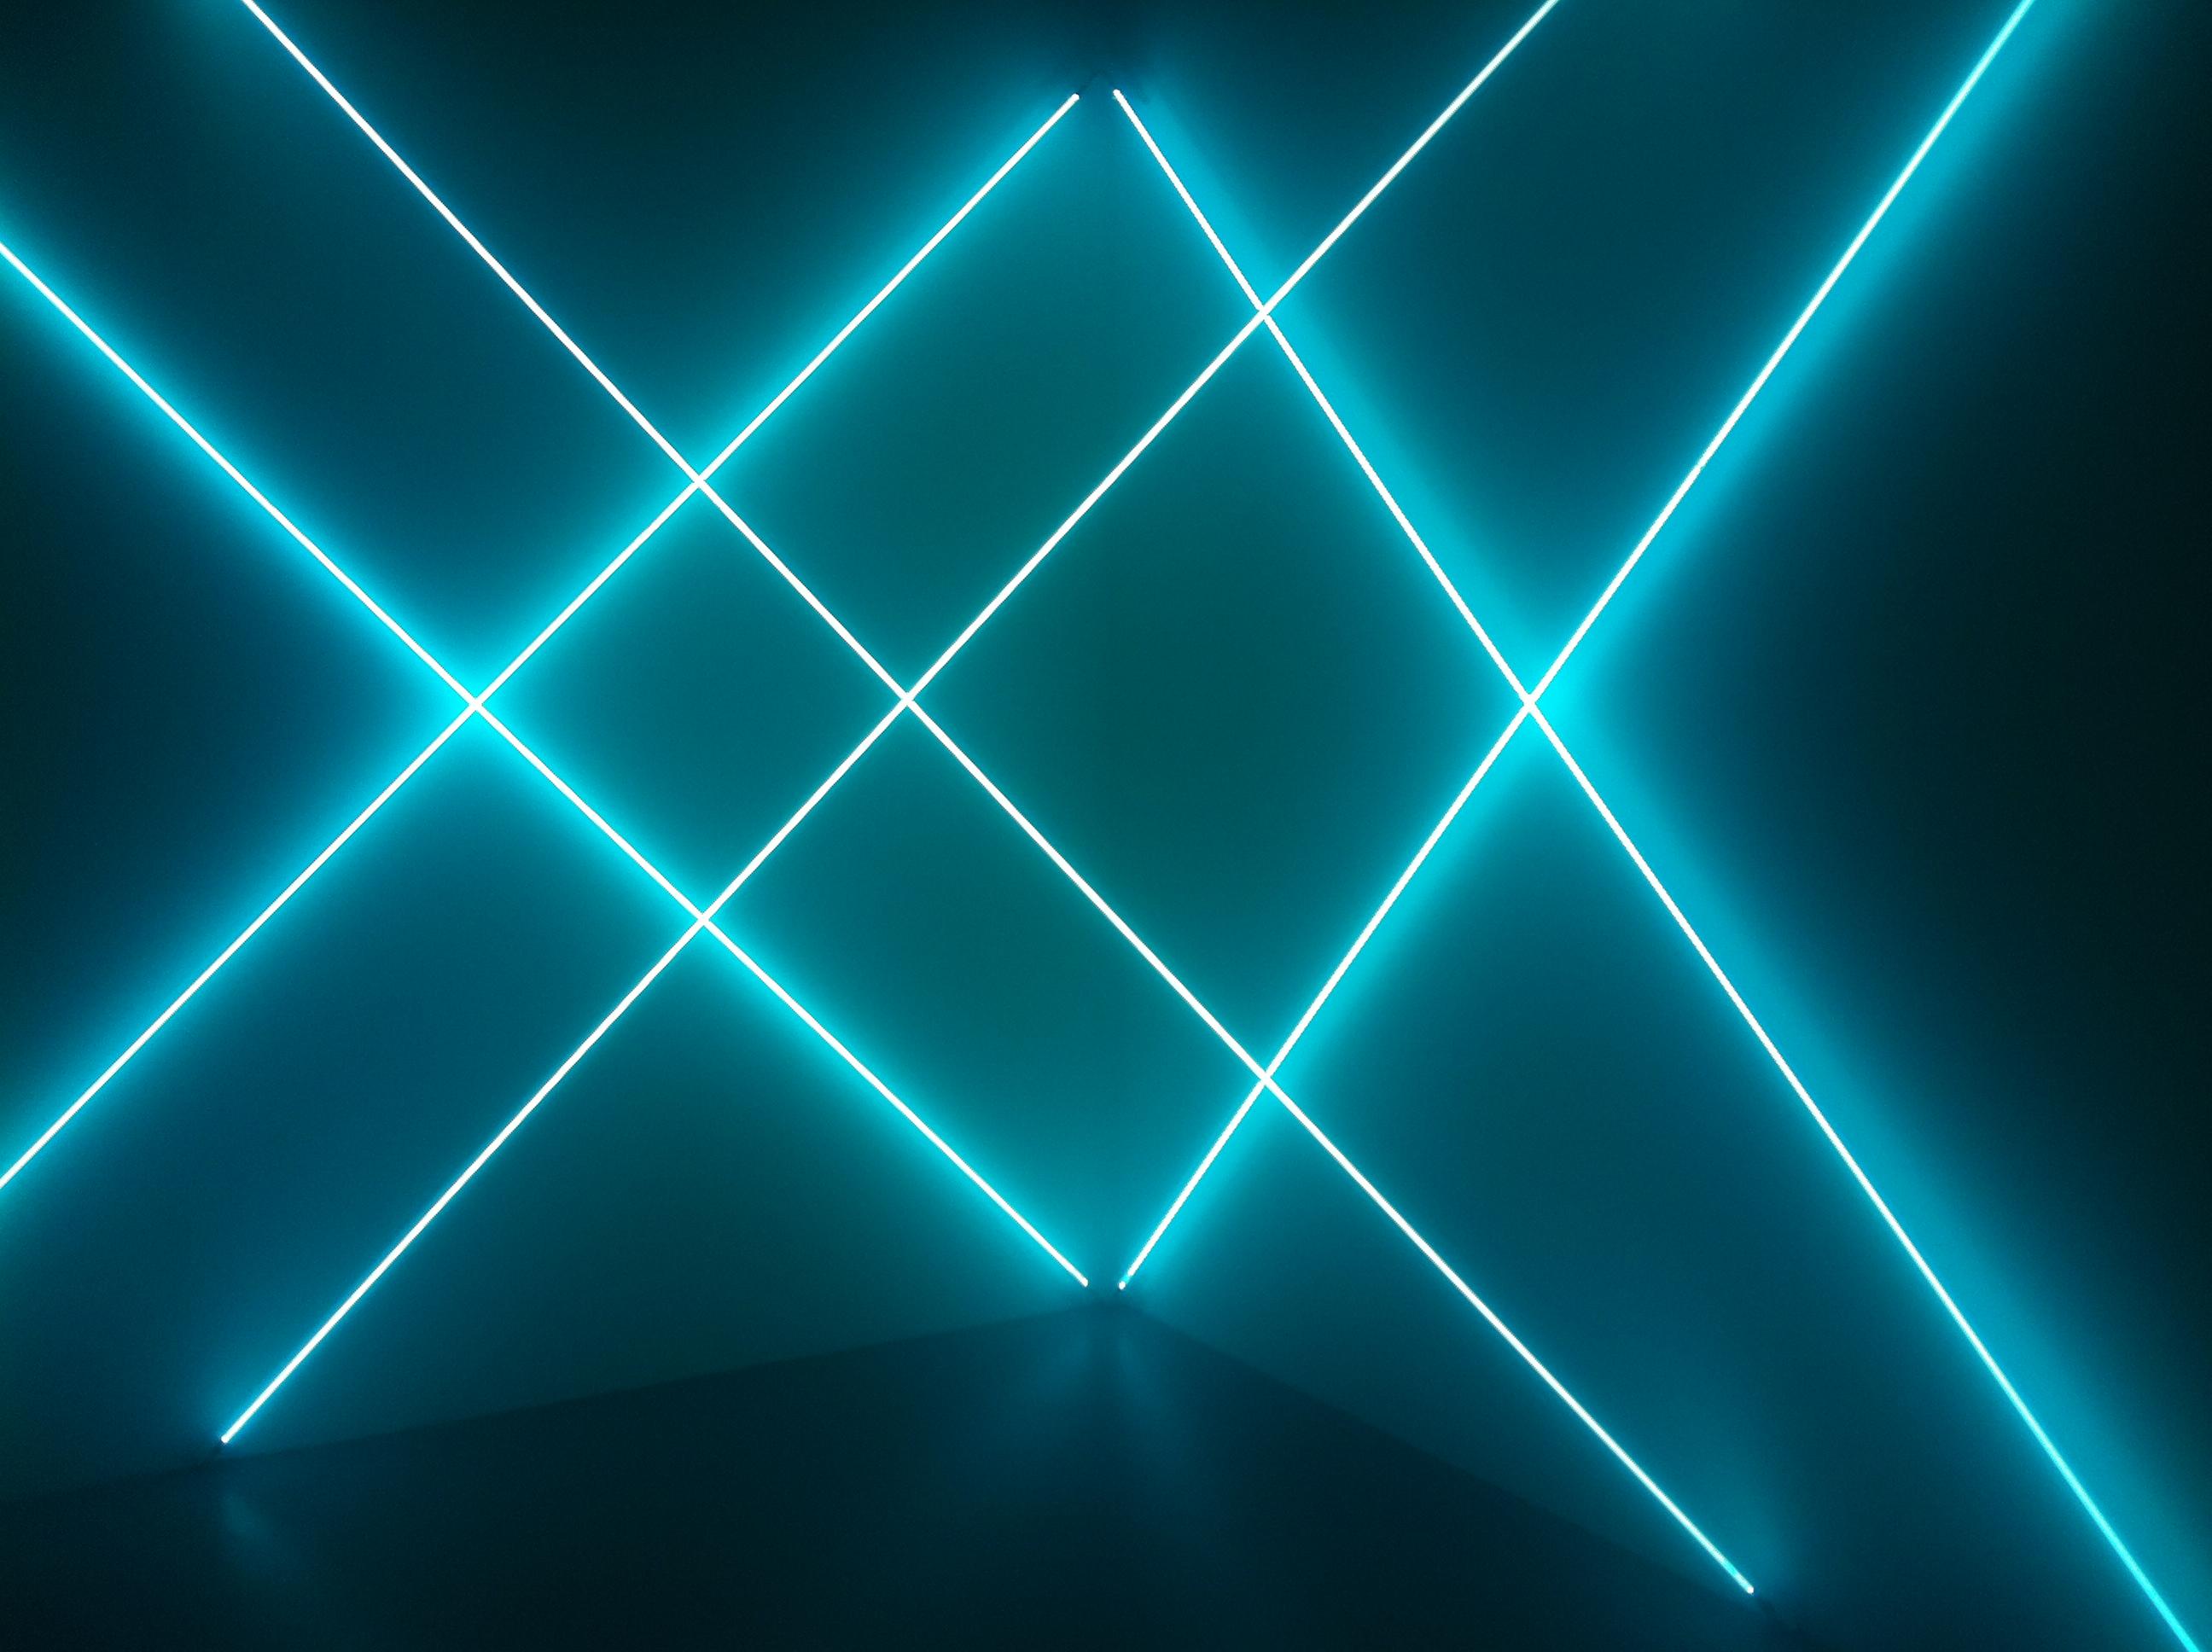 Dynamo - François Morelet - Triple X Neonly (2012)